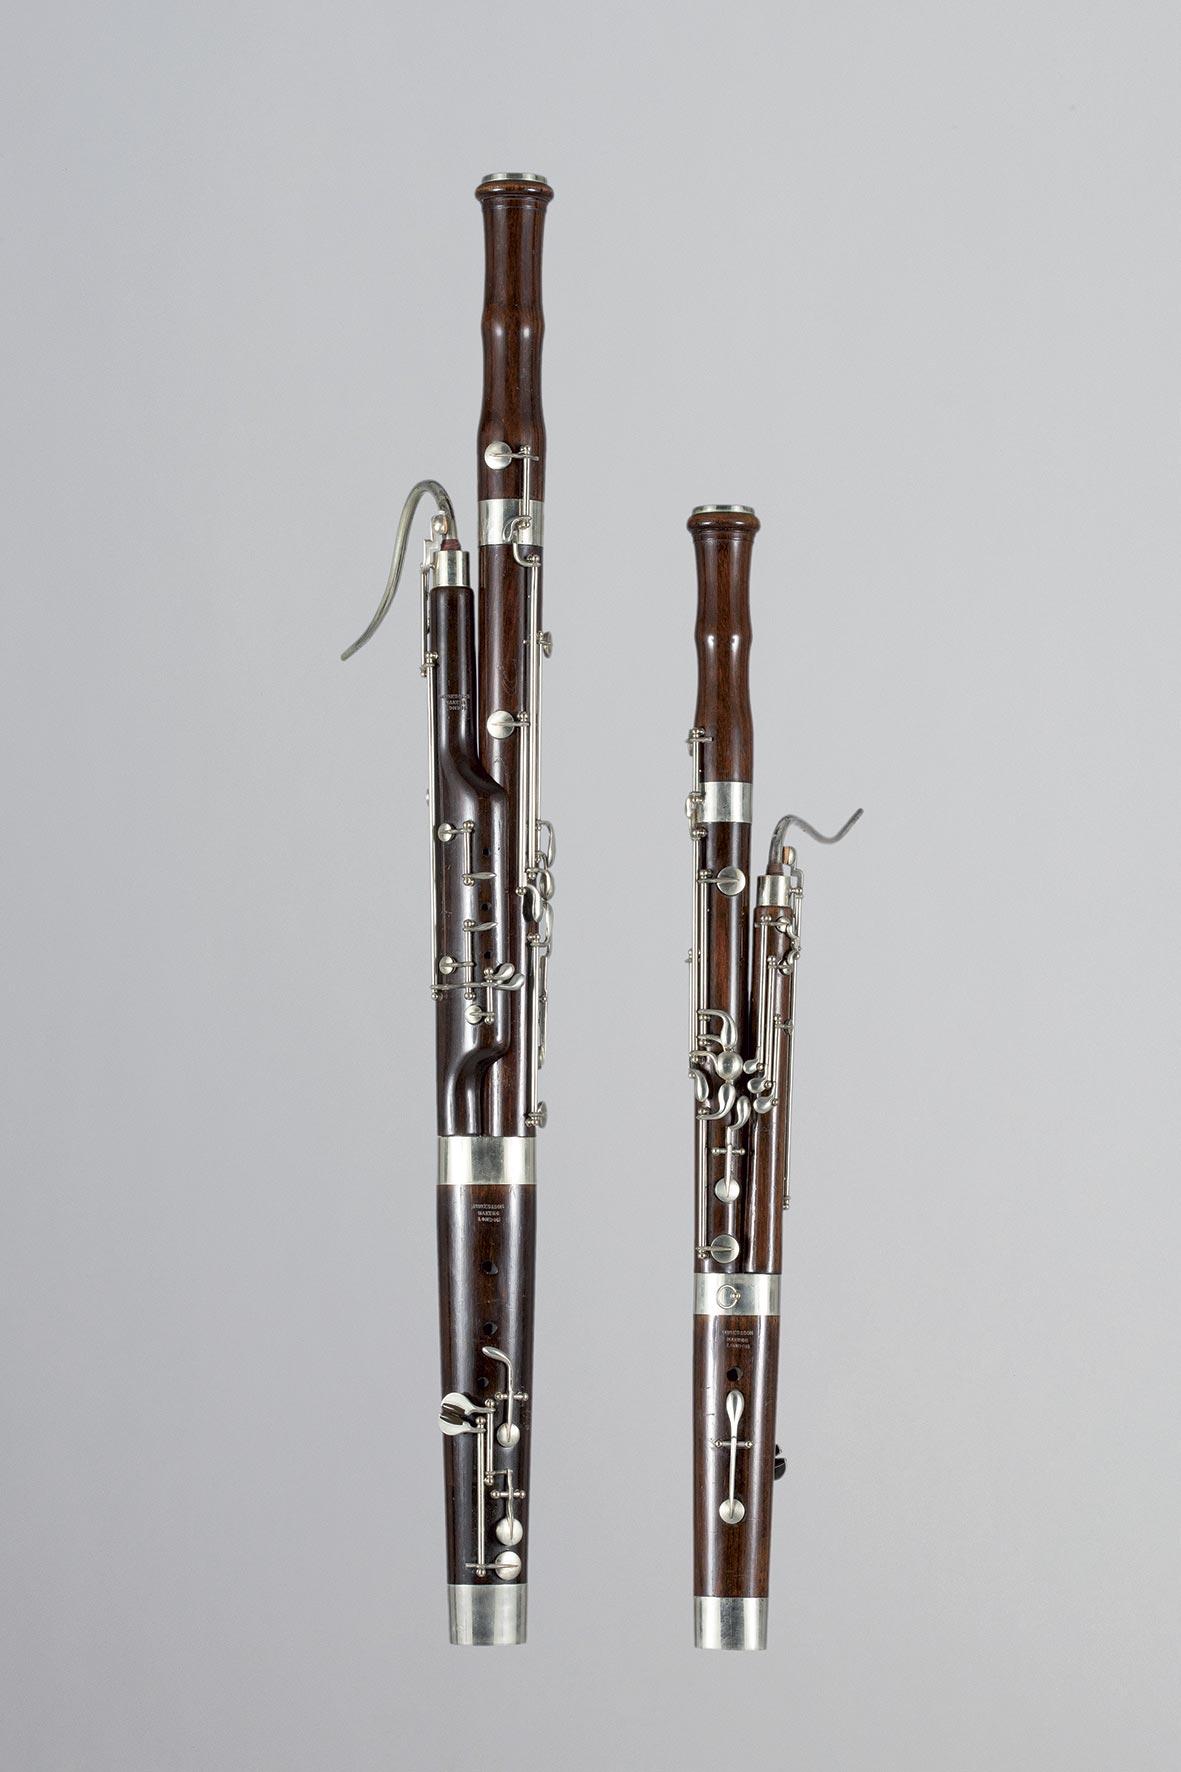 Deux petits bassons probablement modèle d'exposition de HAWKES & Son Makers London